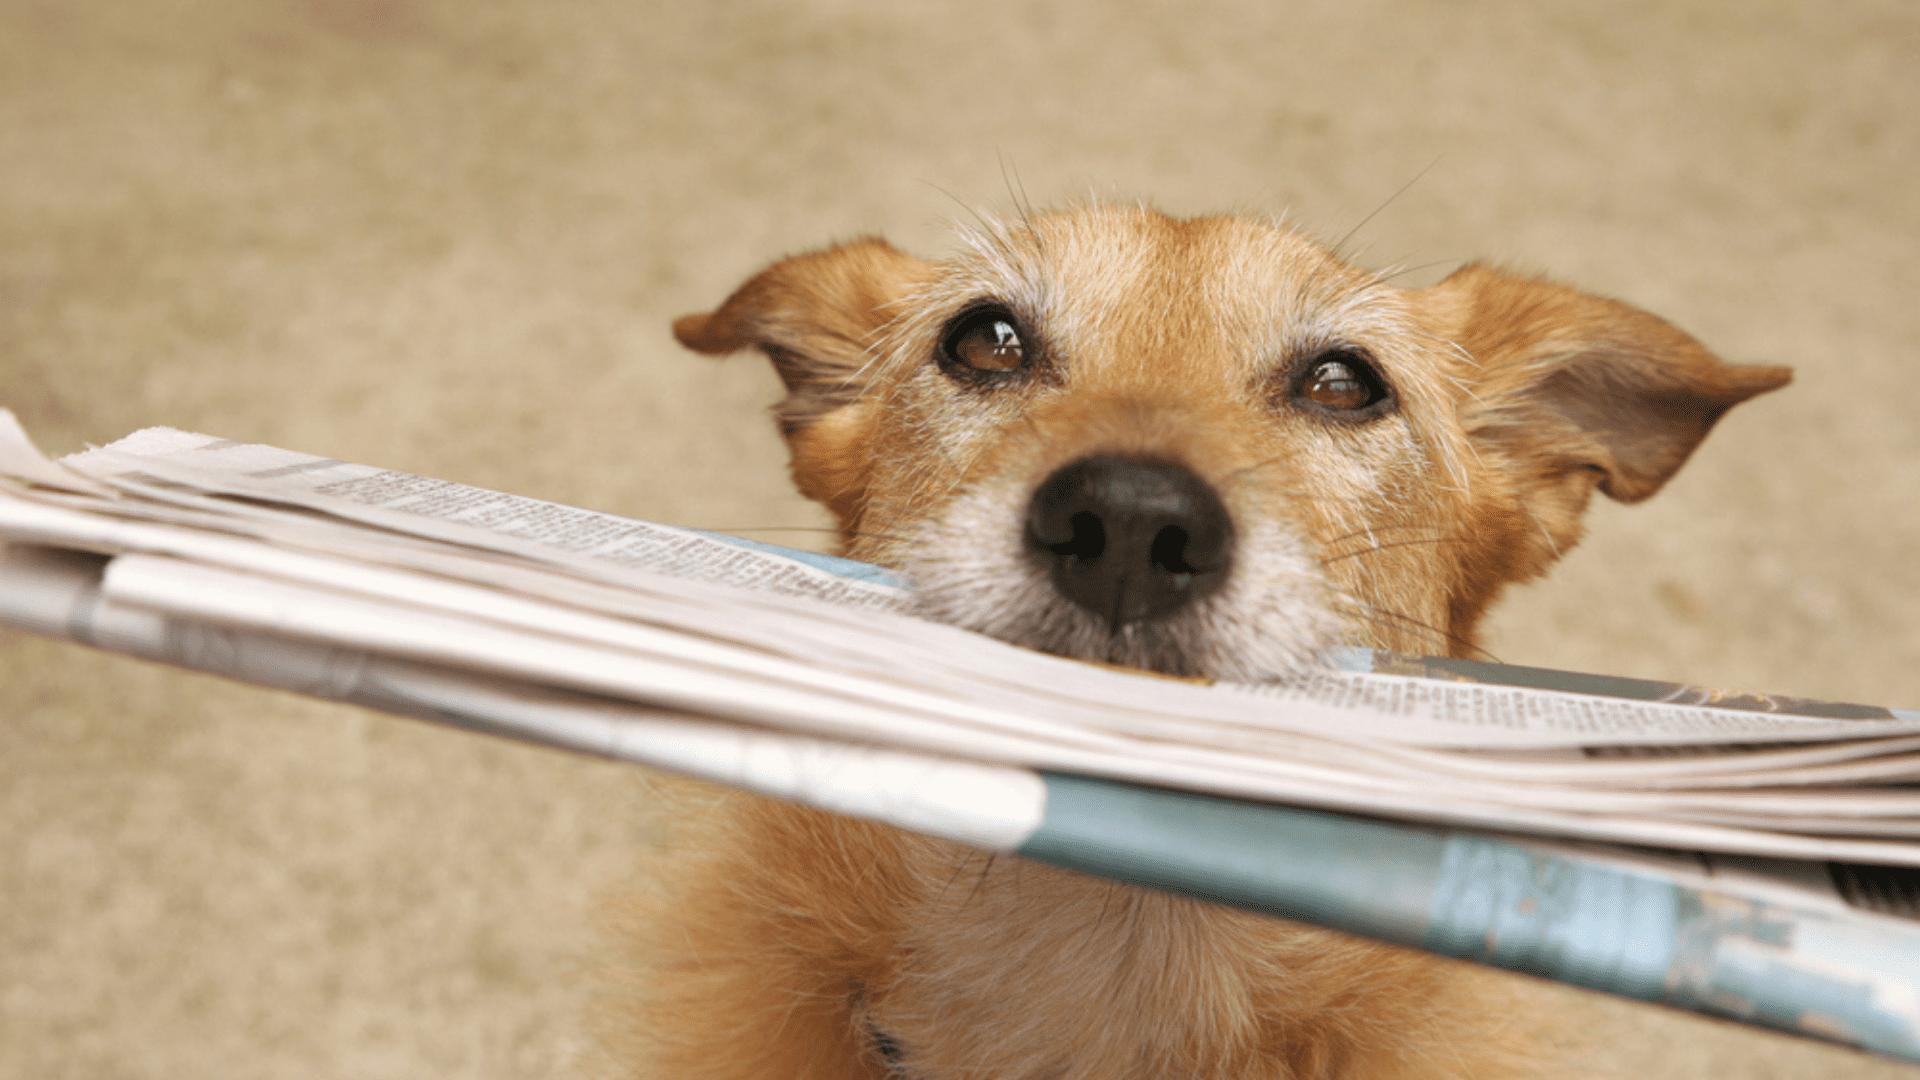 O tapete higiênico chega a ser ainda mais prático que o jornal (Reprodução/Shutterstock)